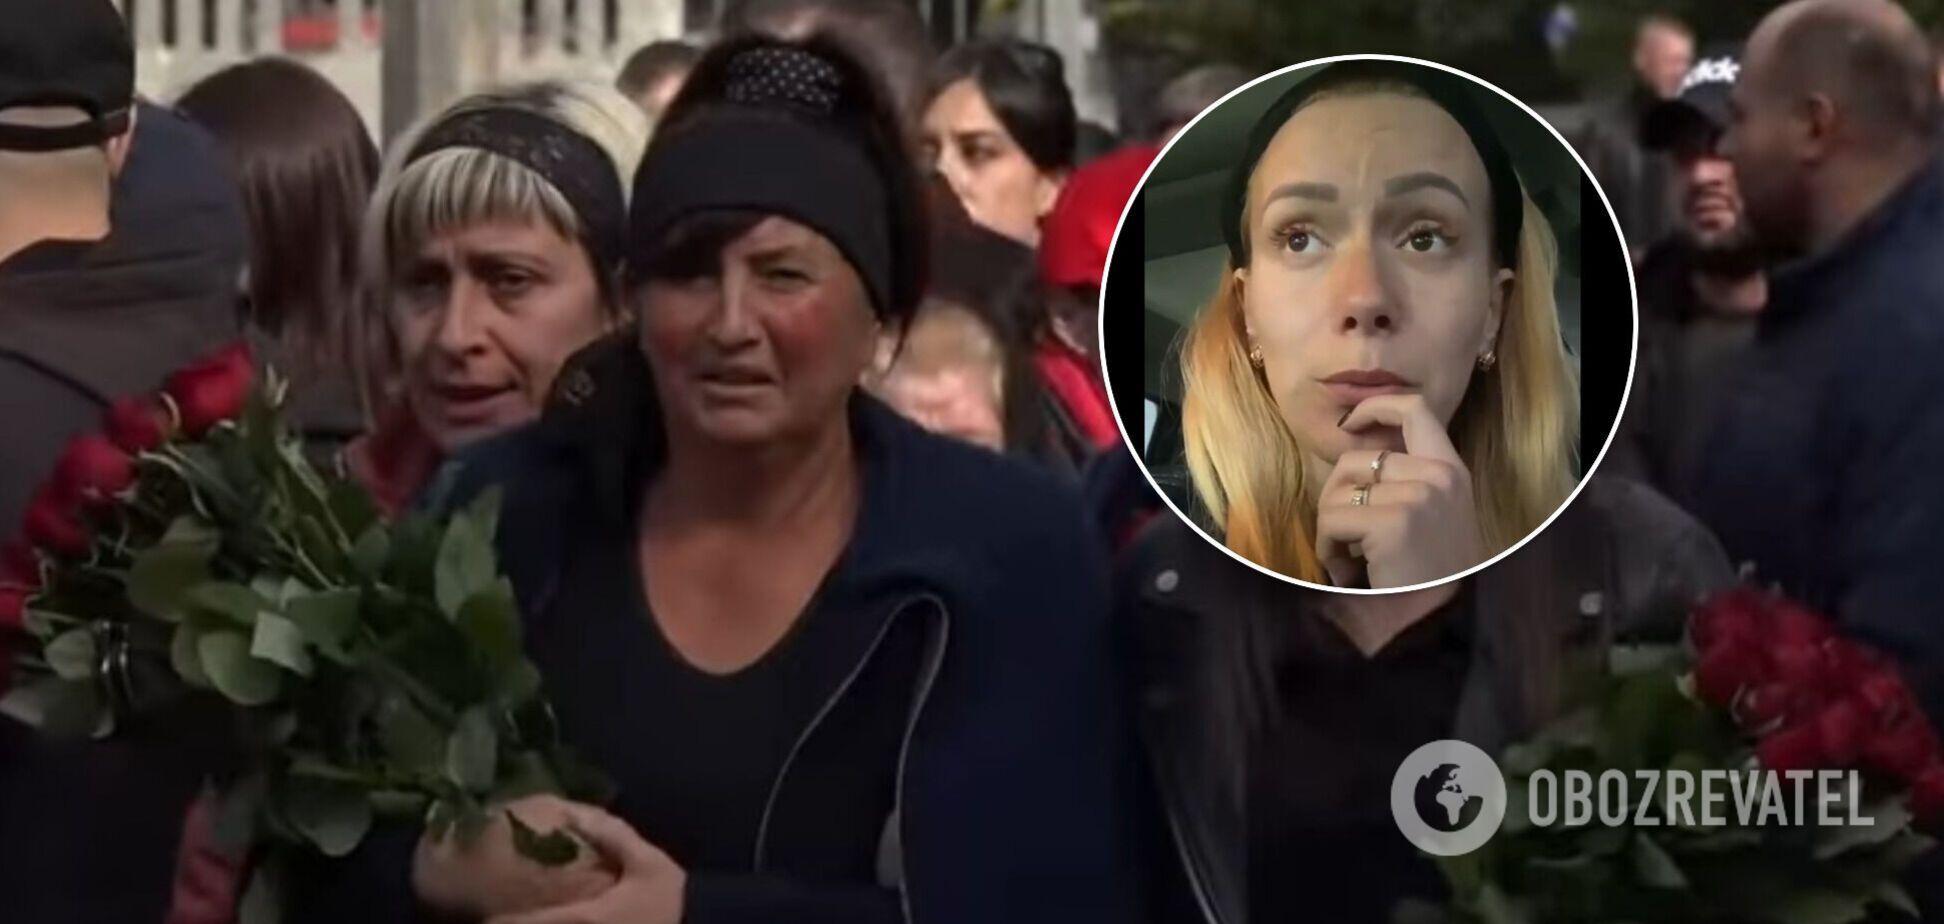 'У мене забирали телефон, щоб я не побачила вбивство чоловіка': вдова чернігівського поліцейського розповіла про трагедію. Відео